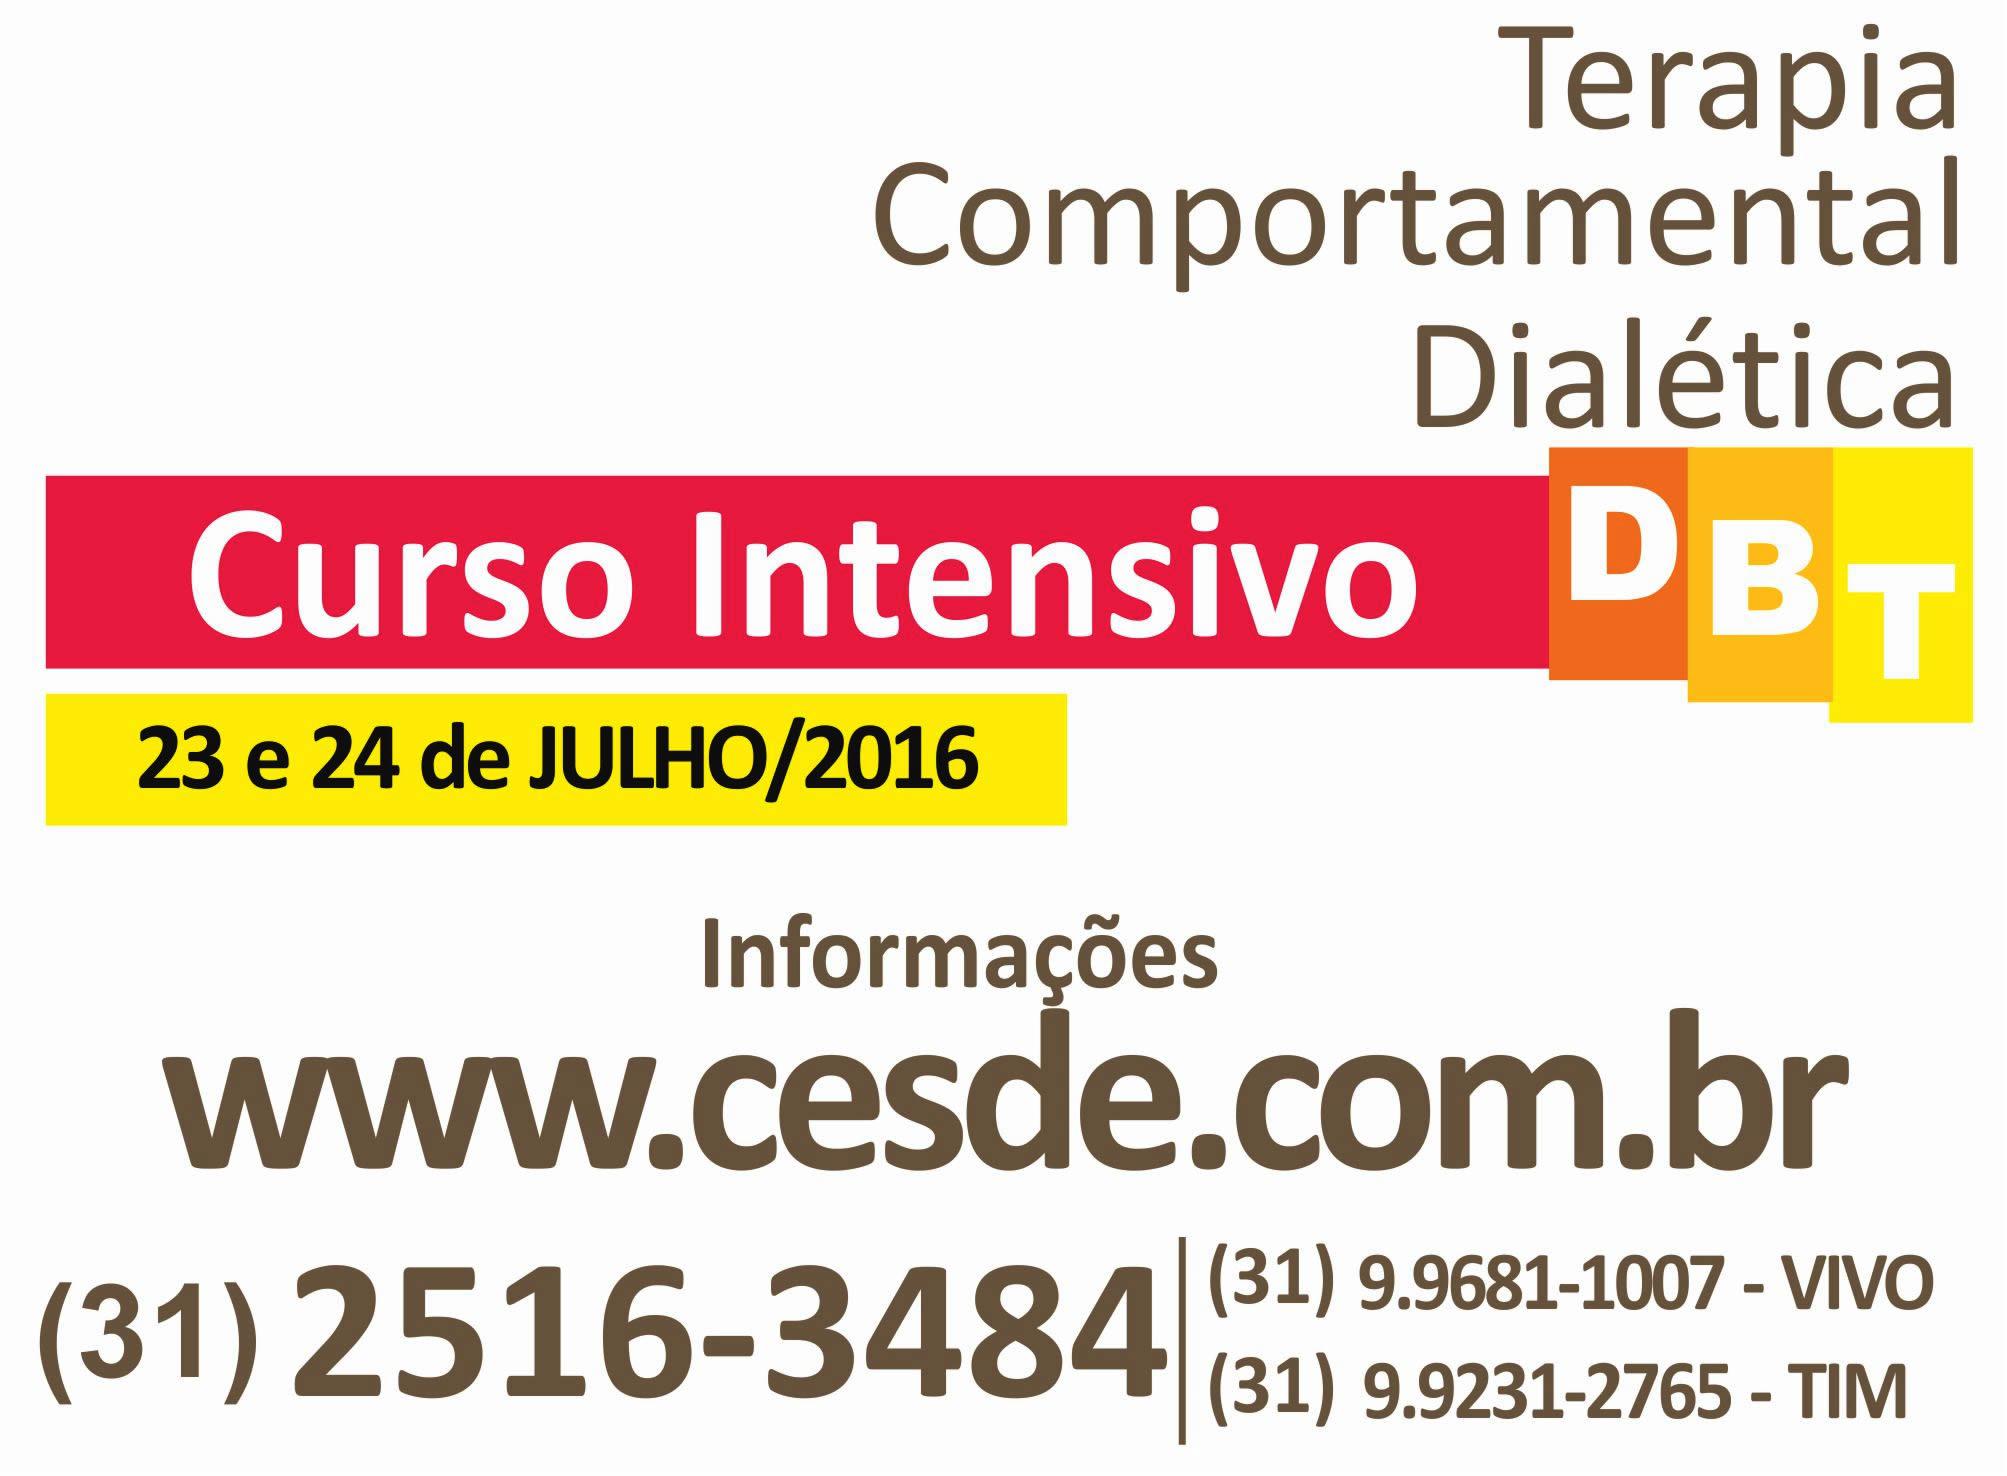 Treinamento intensivo em DBT - Terapia Comportamental Dialética